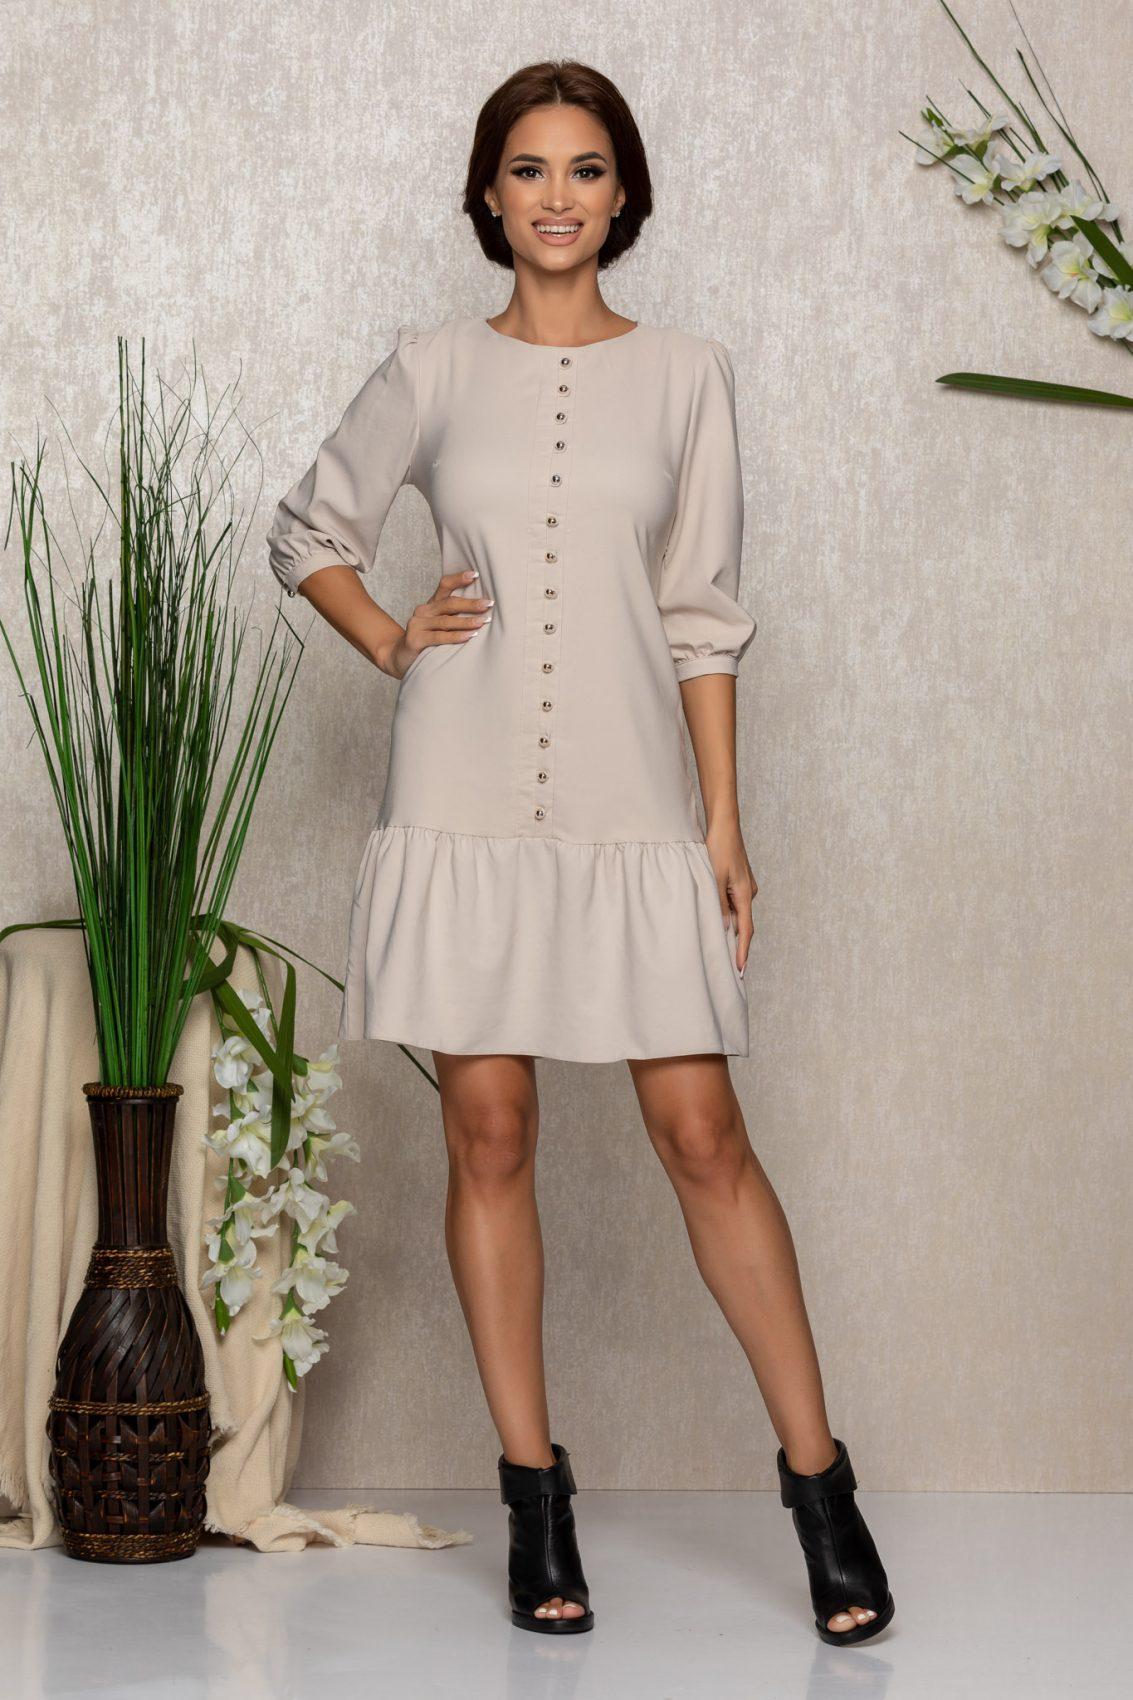 Μπεζ Φόρεμα Με Βολάν Renata 1028 1